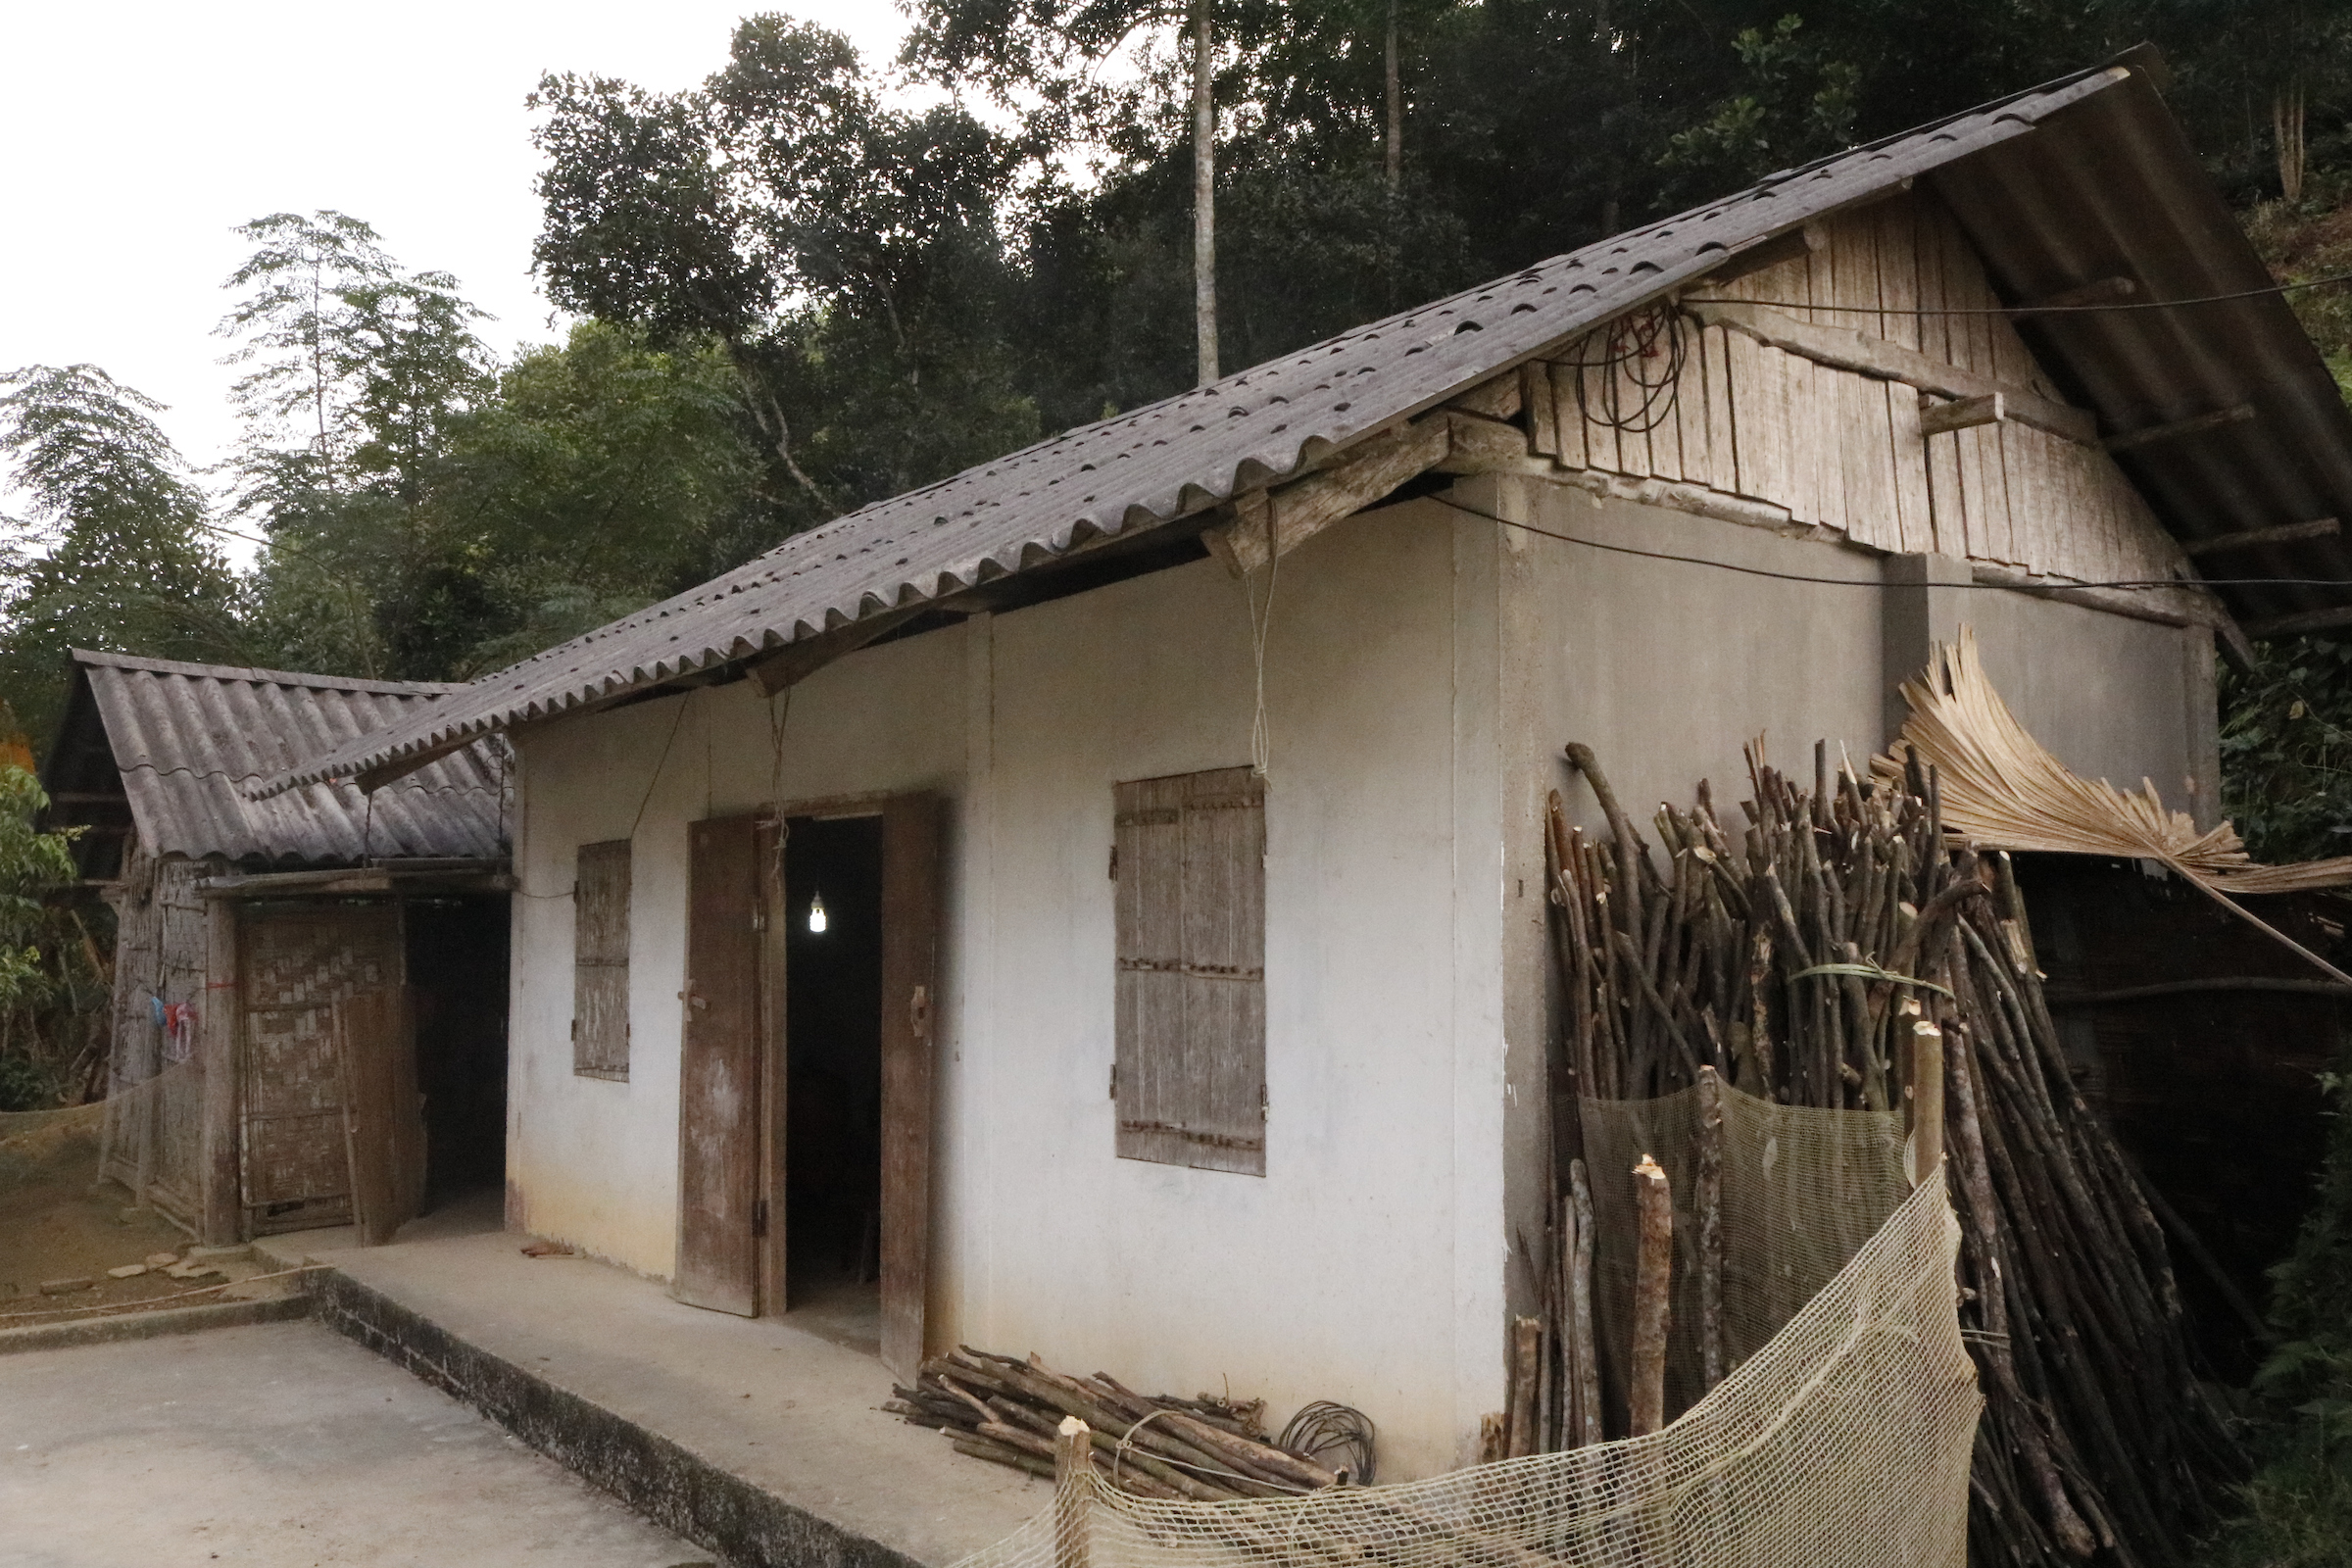 A white, rundown building in Lien Minh, Vietnam where FH is beginning child sponsorship